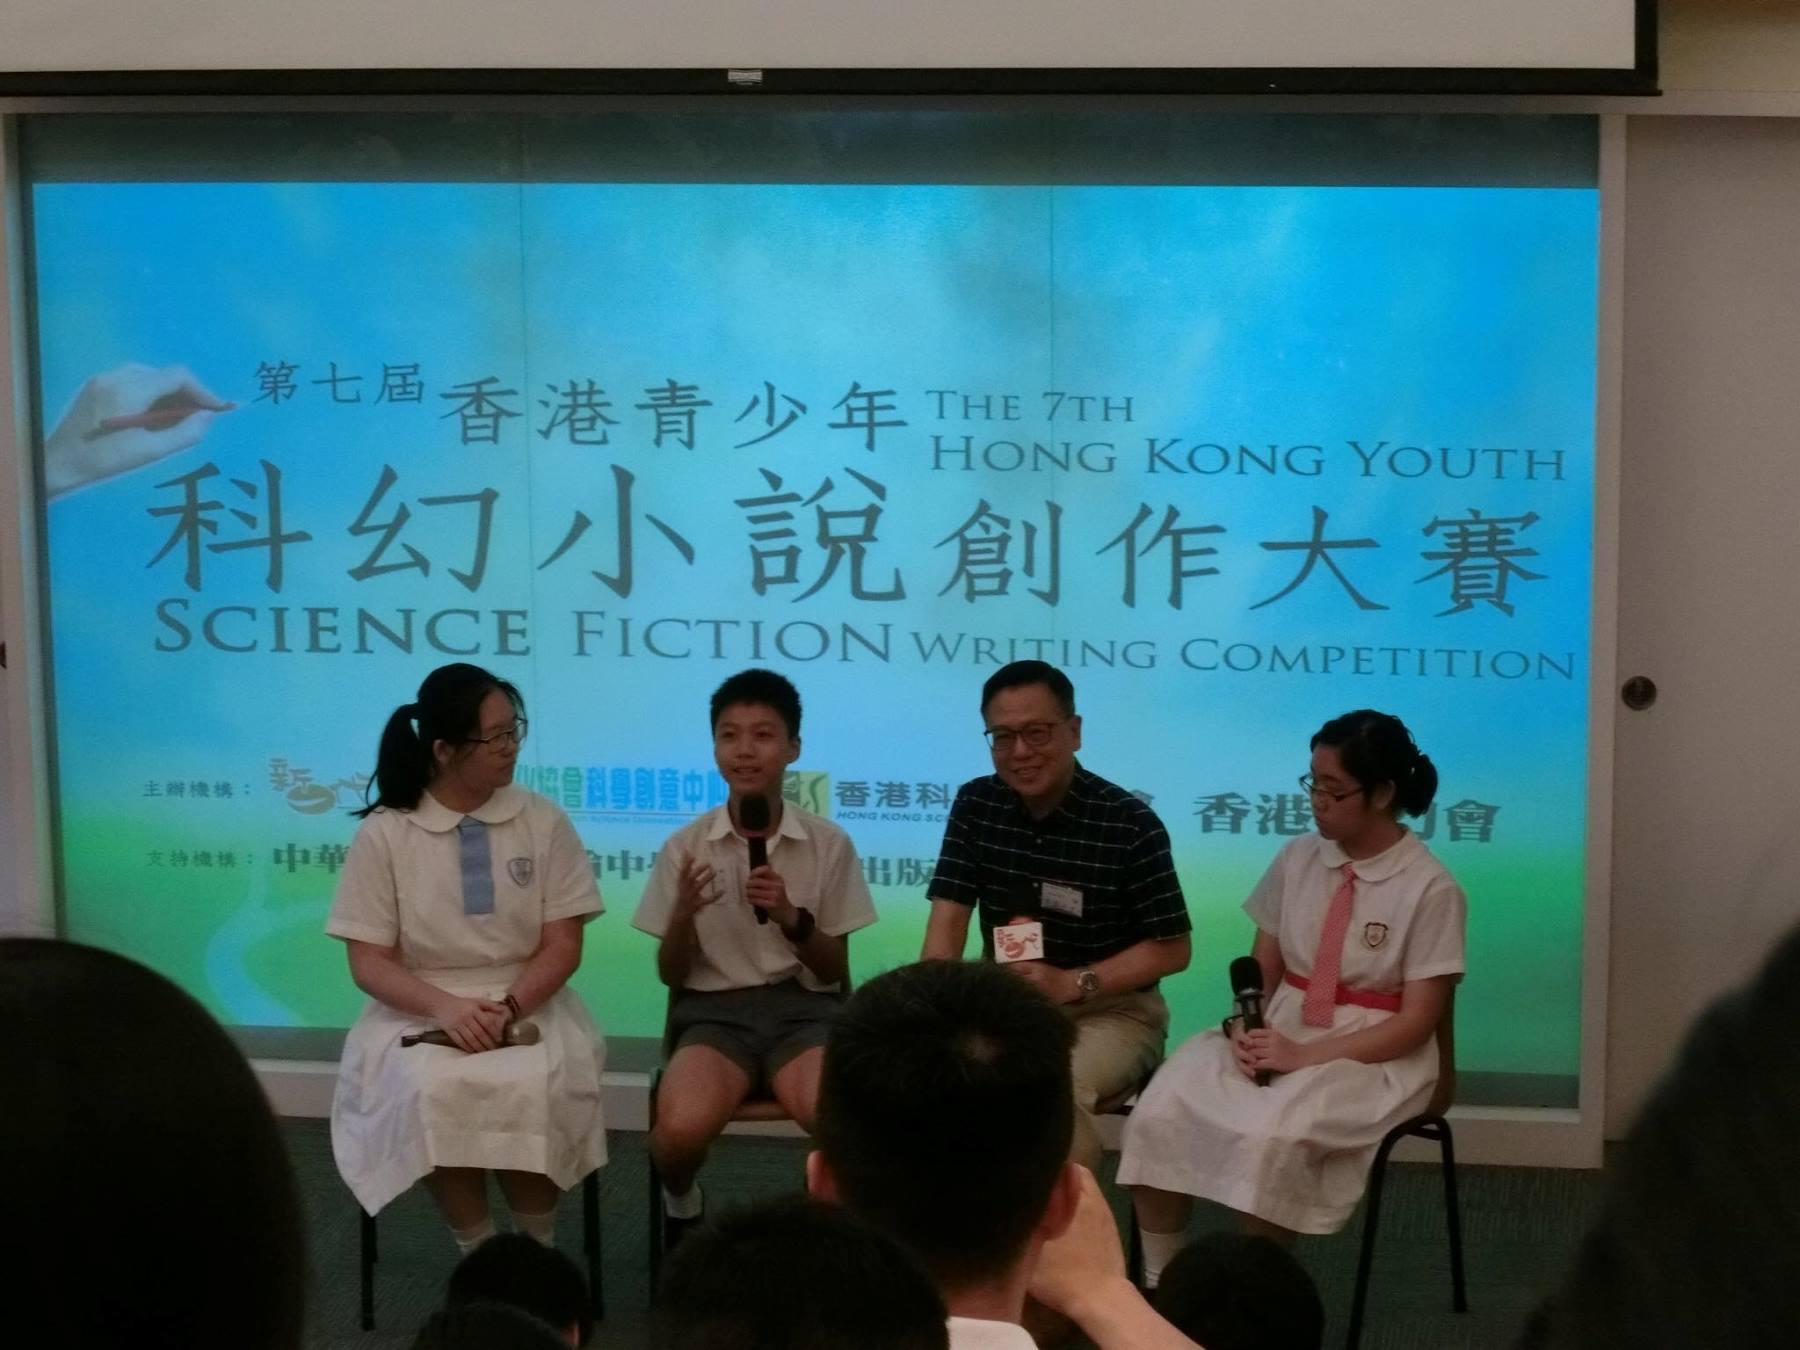 http://npc.edu.hk/sites/default/files/35102677_10216051546822149_1521574602210279424_n.jpg